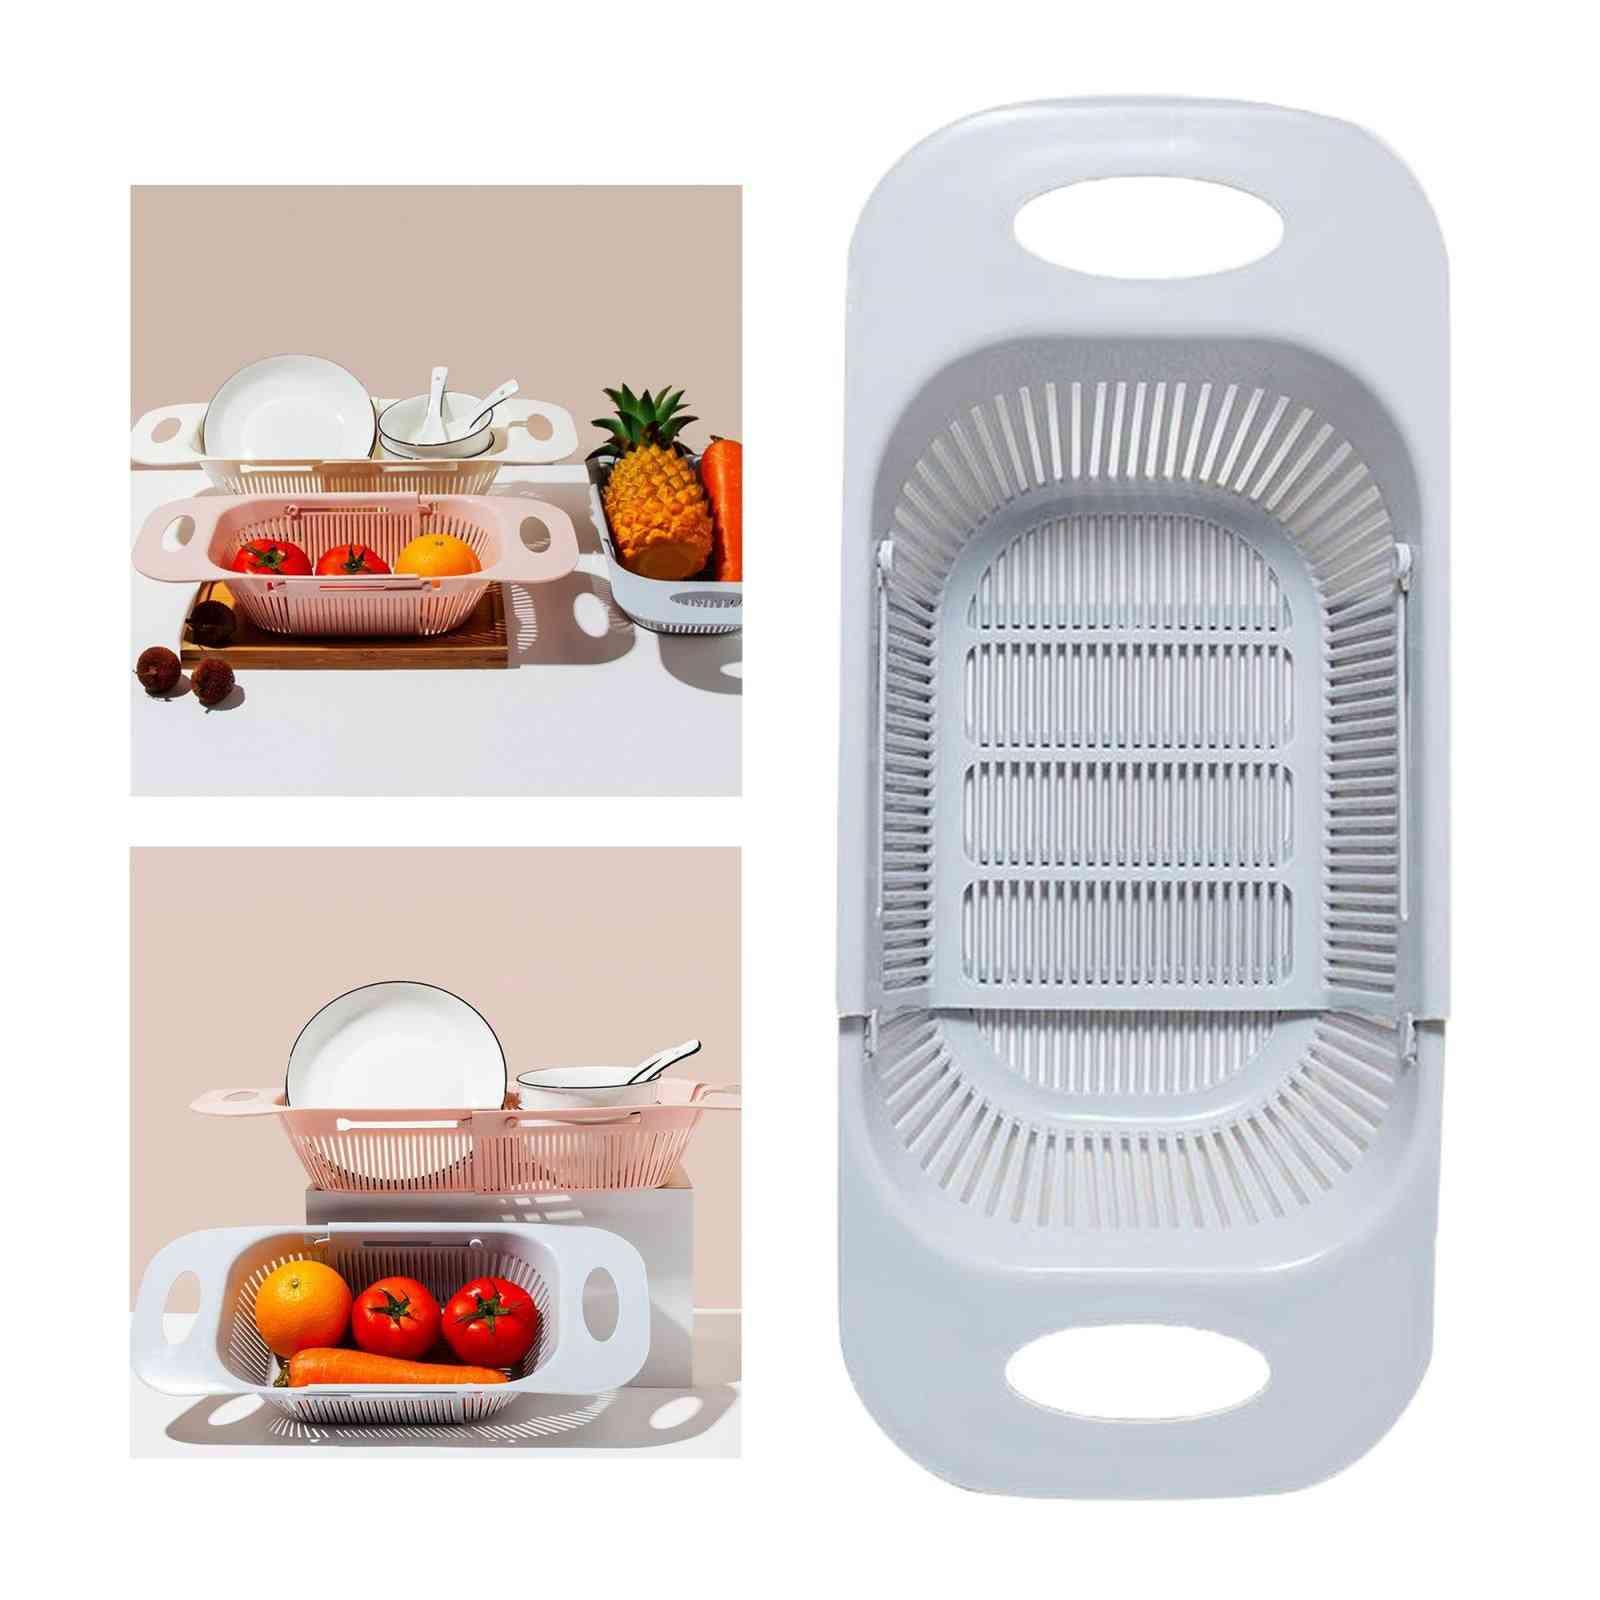 Adjustable Over The Sink Colander Strainer & Fruits Vegetables Drain Basket